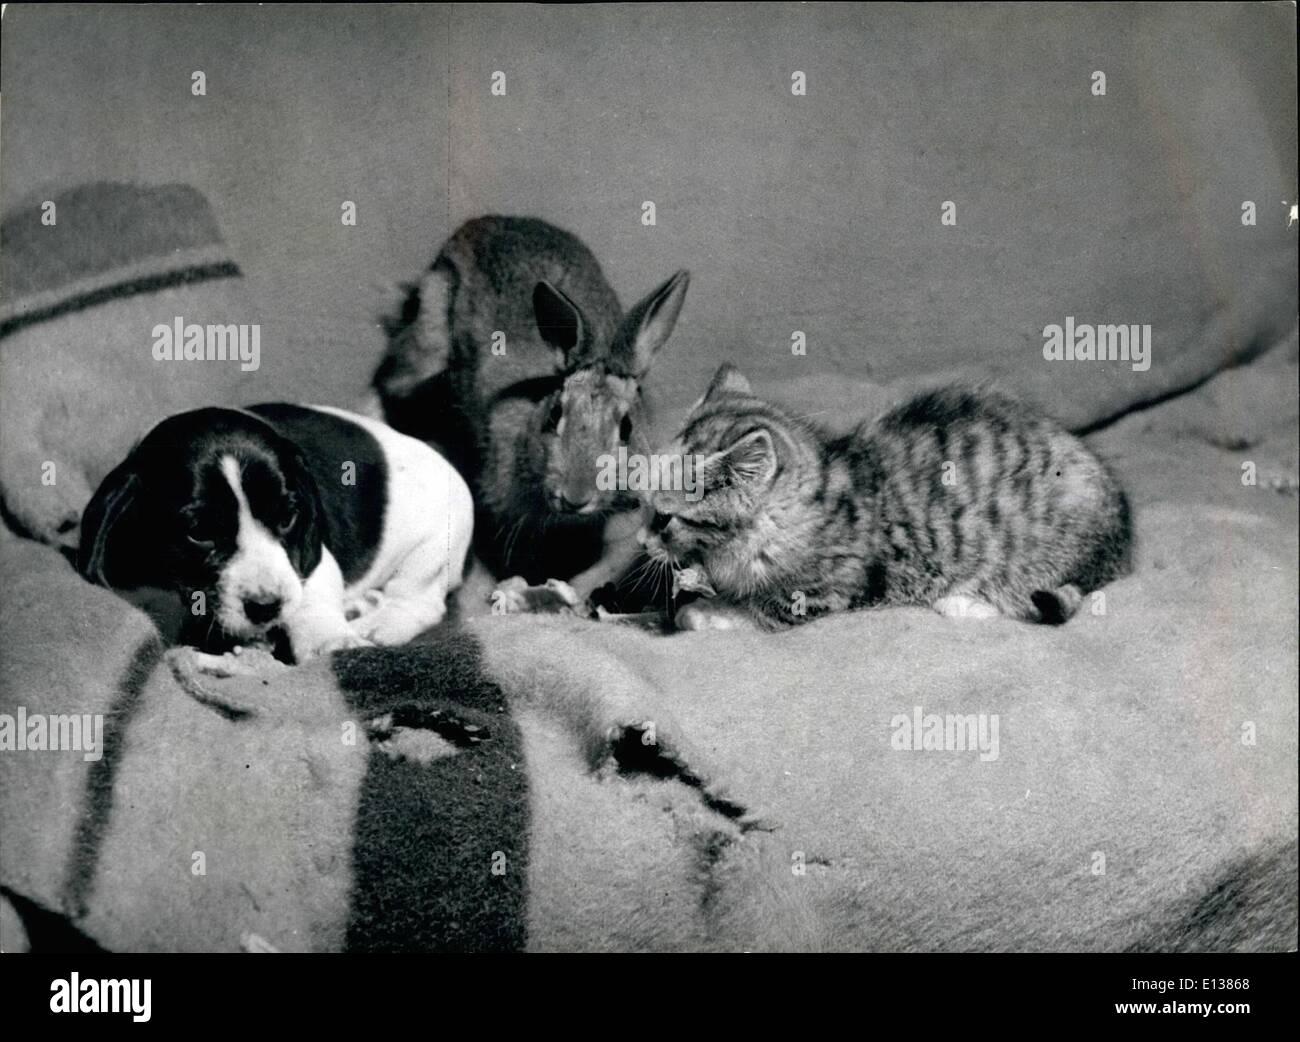 29 février 2012 - Strange red-compagnons: Ils sont le chaton, le chiot et le lapin eyed irascible, appartenant à Bristol femme du fermier, MmeE.m.Johnson. Tous sont les meilleurs amis. Photo Stock